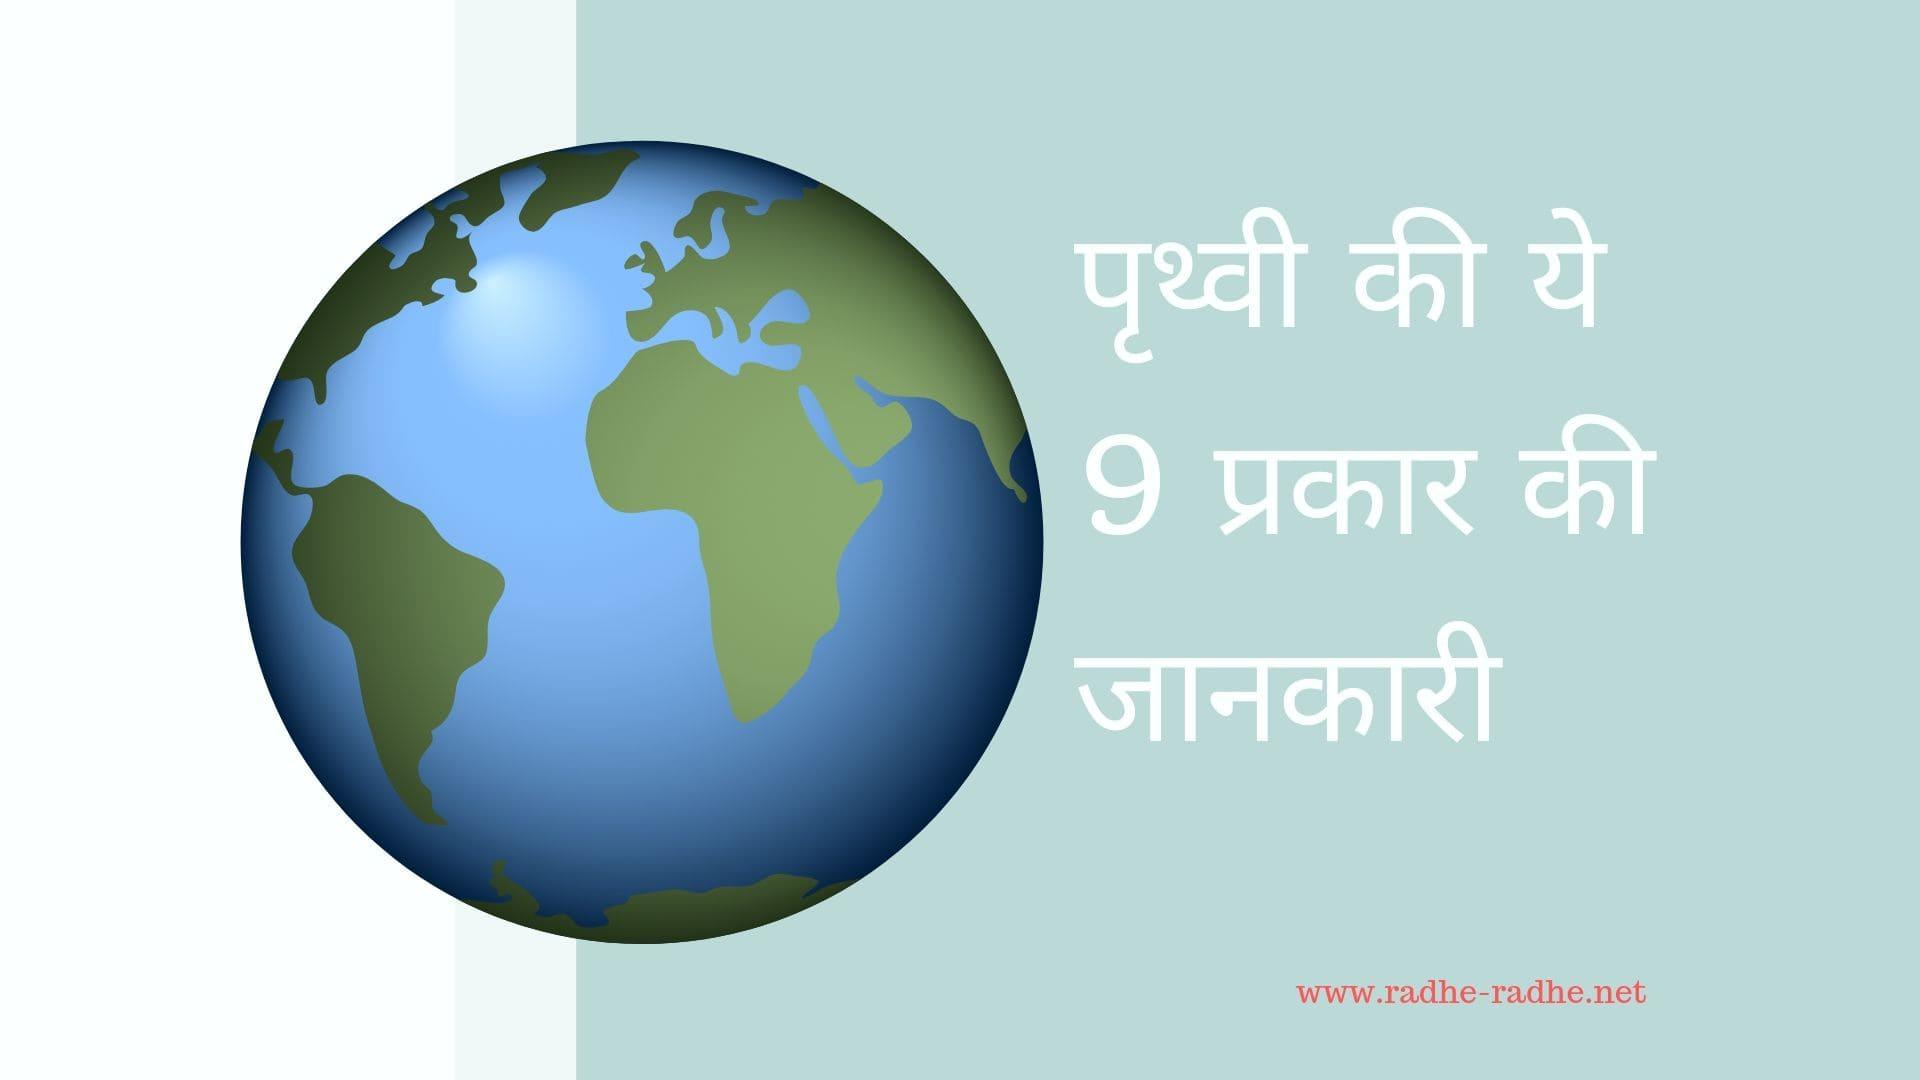 पृथ्वी की ये 9 प्रकार की जानकारी